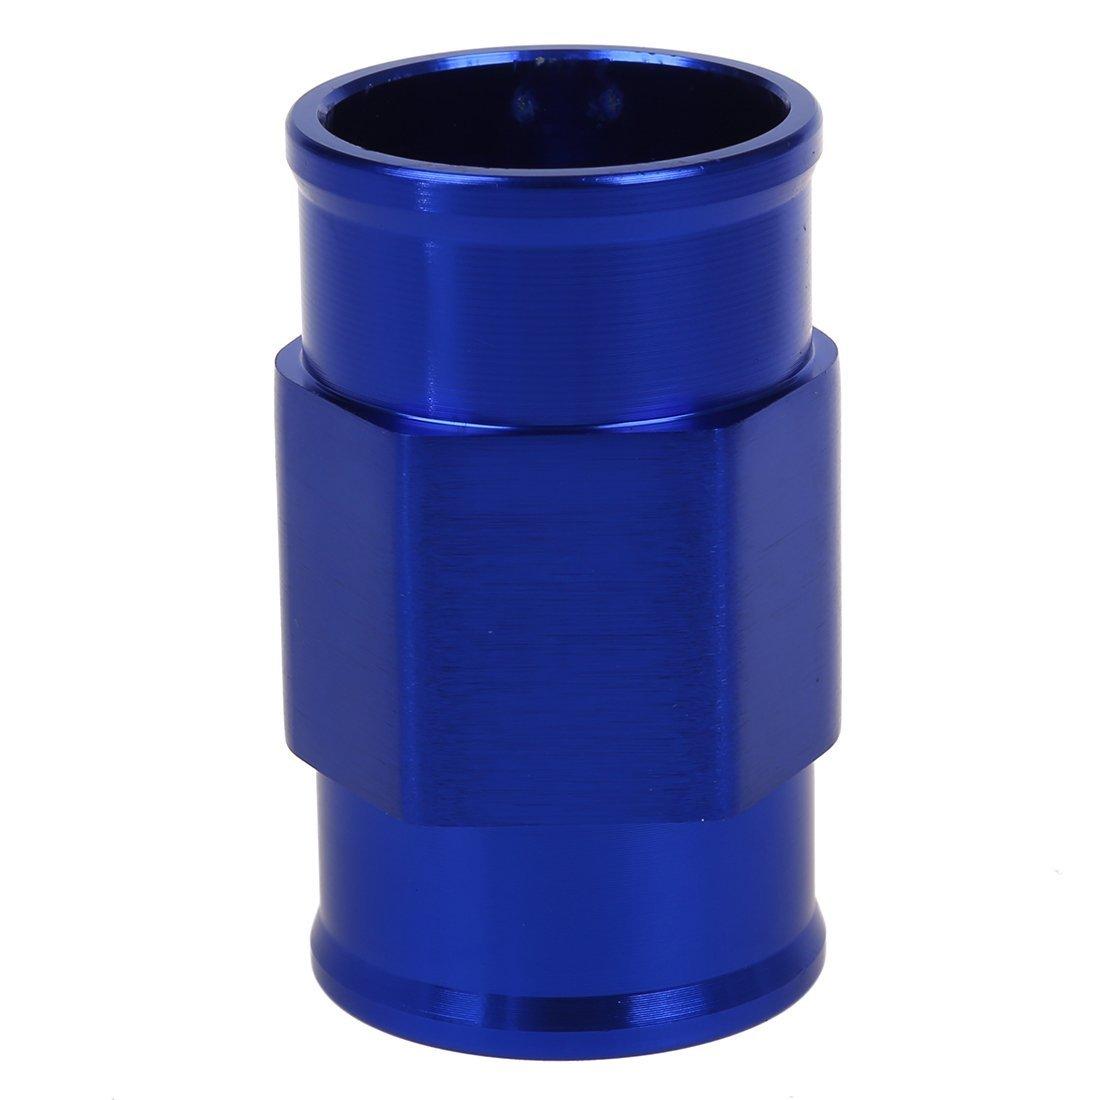 TOOGOO R Wassertemperatur Verbindungsrohr Sensor Messgeraete Kuehlerschlauch Adapter 40mm Blau Wassertemperatur Verbindungsrohr